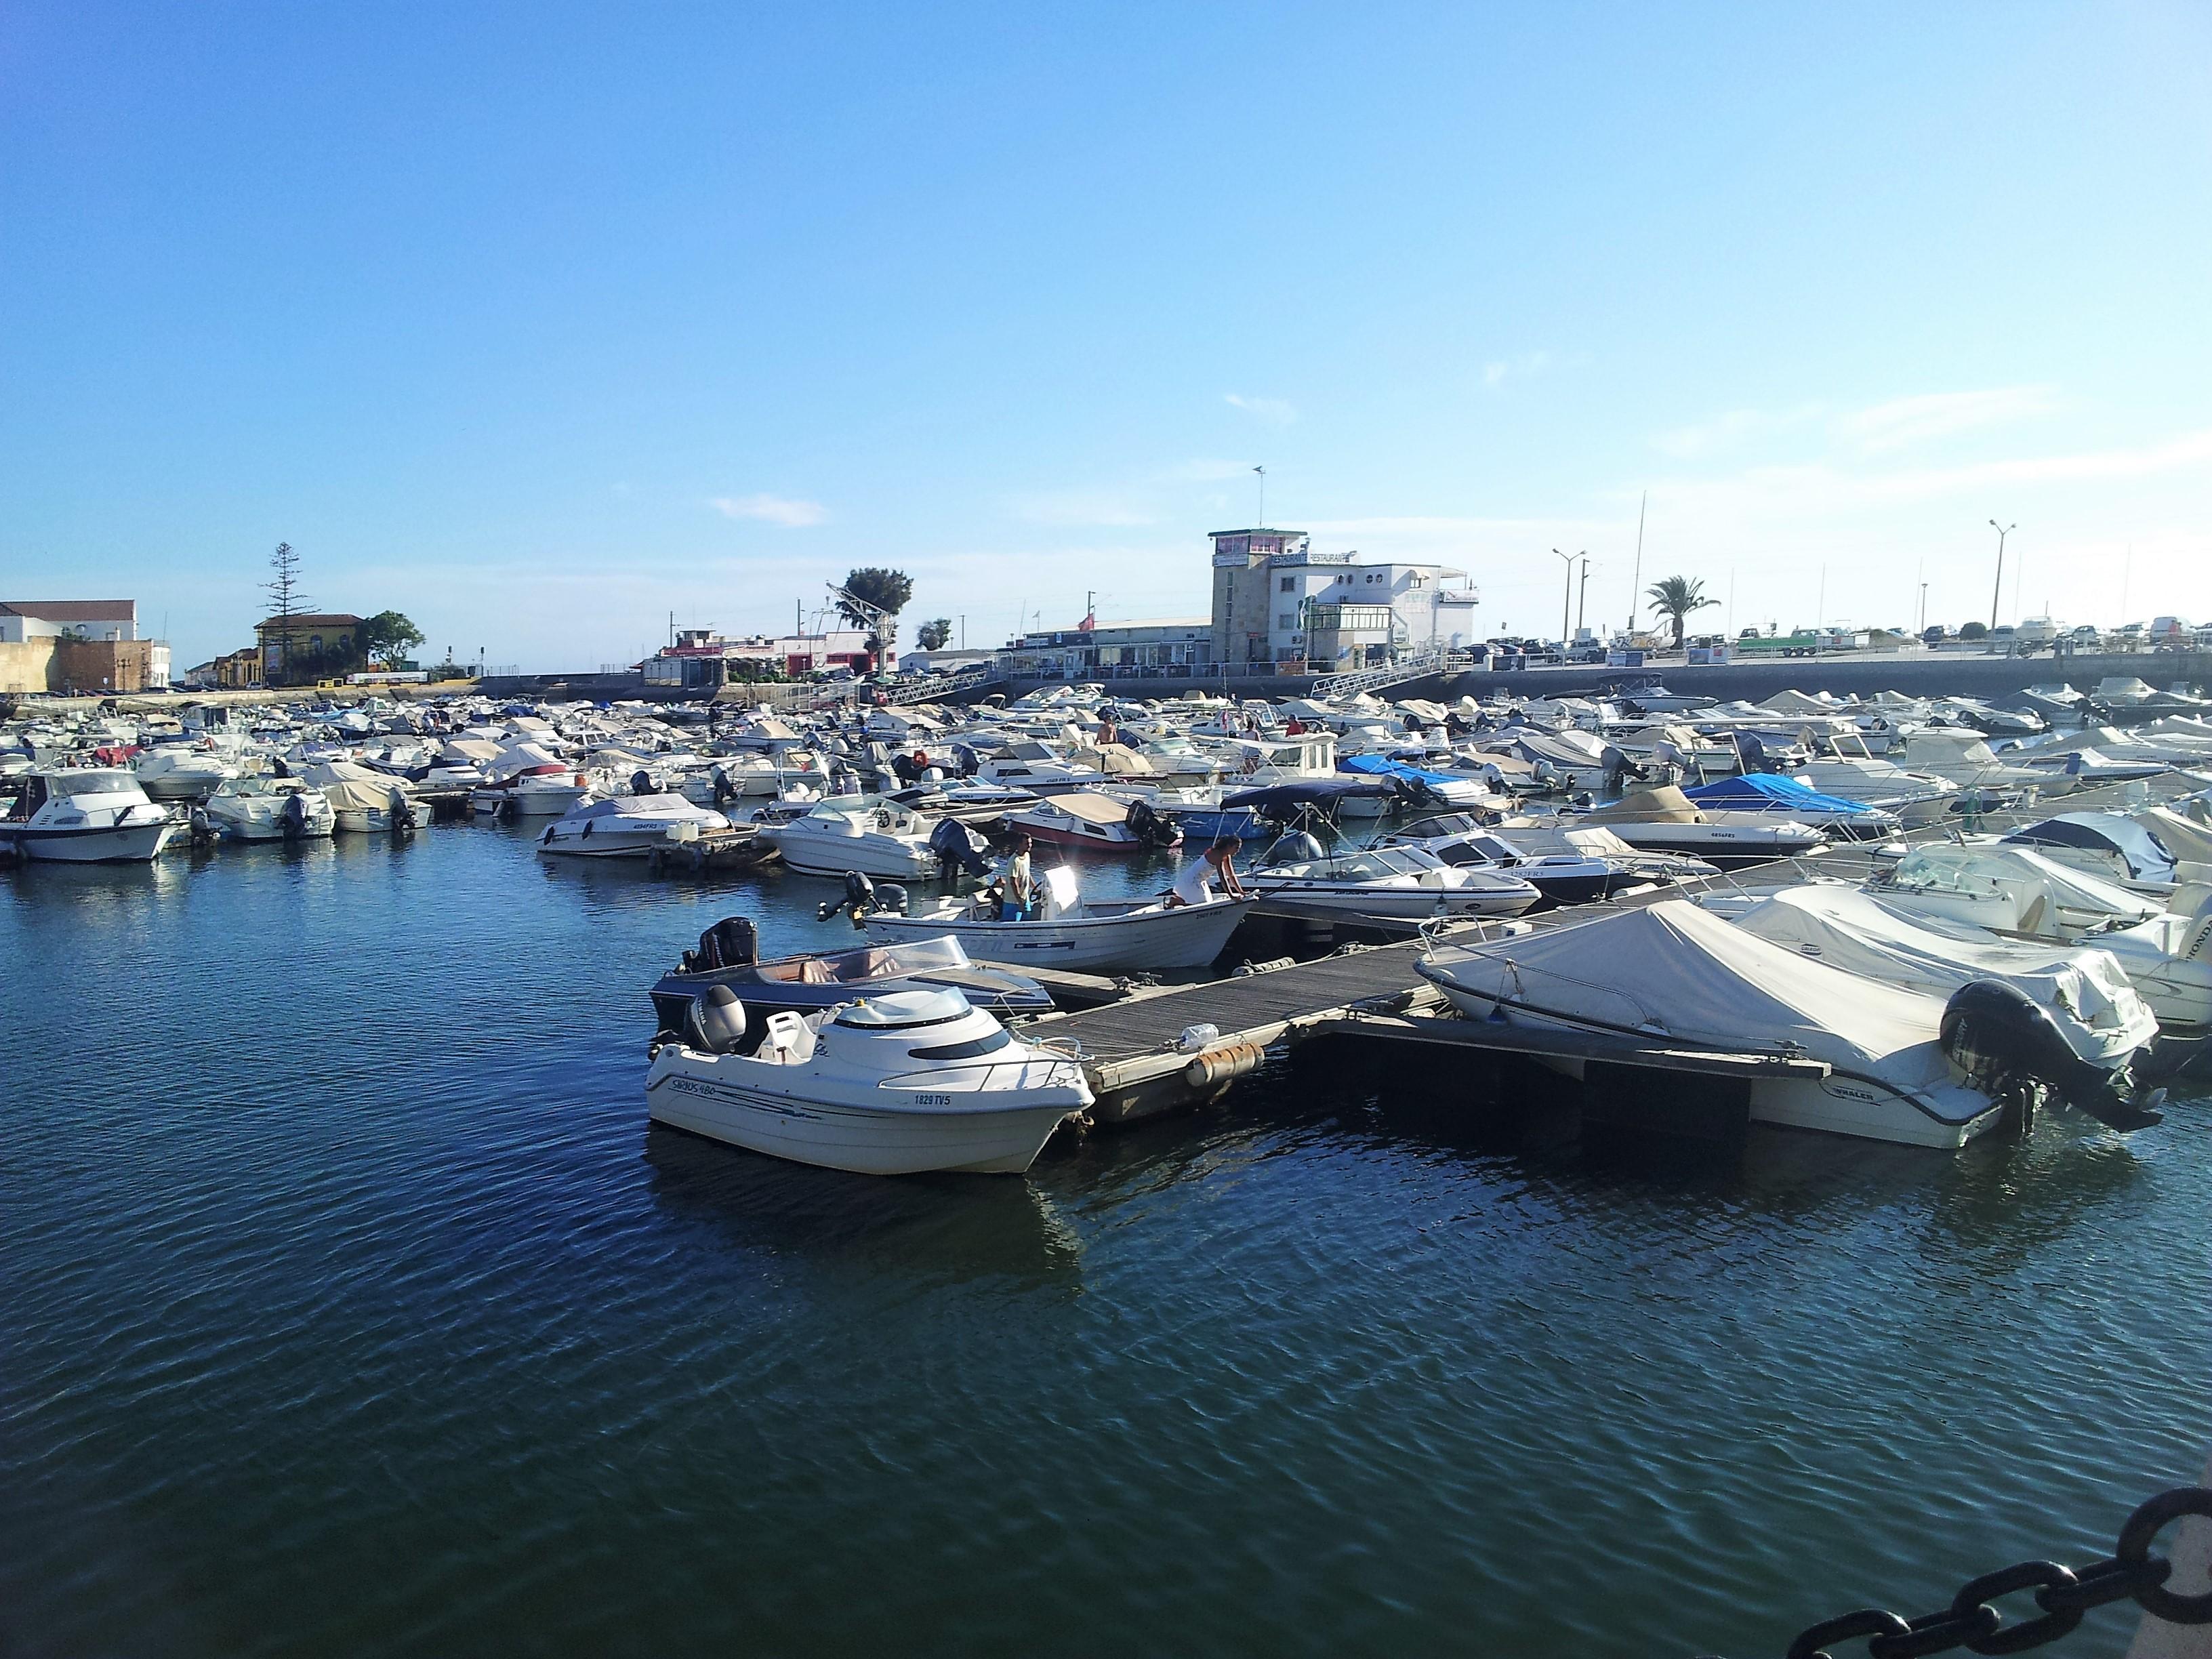 20160910 184559 Faro, dernier jour en Algarve